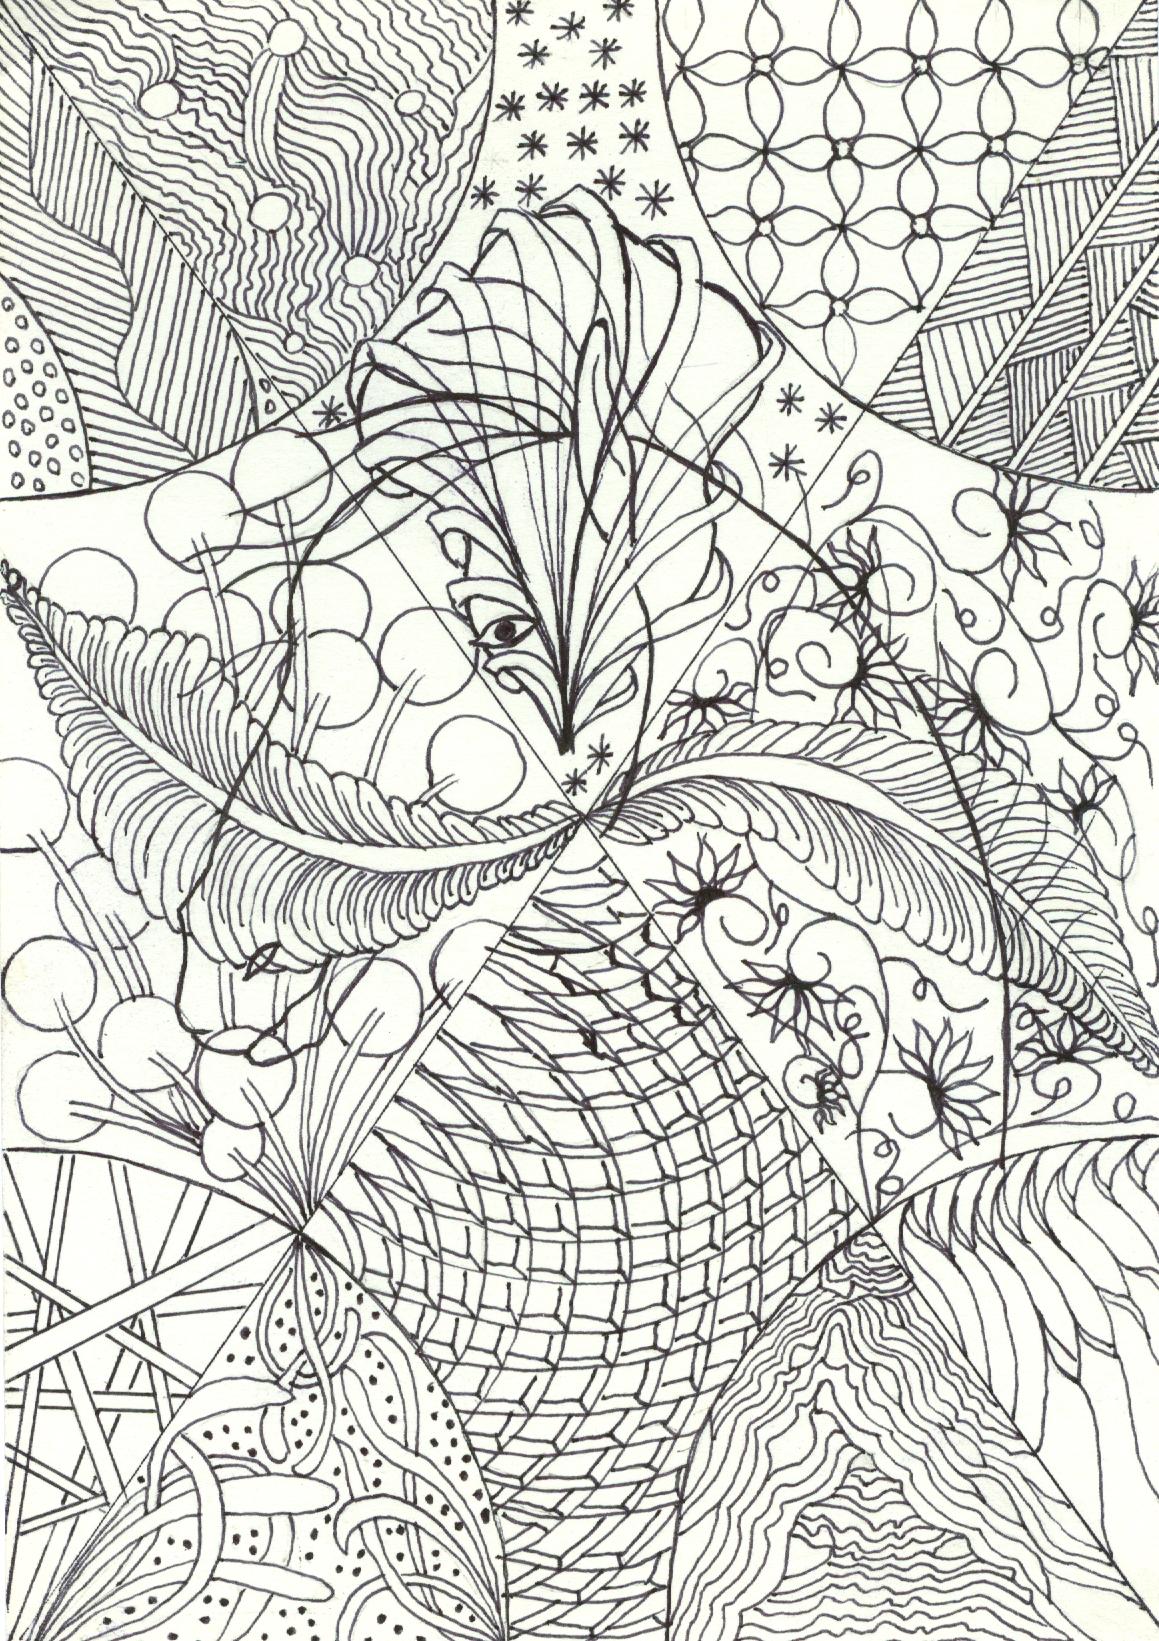 zentangle tekenen, vrije ontwerp met bloemstructuren